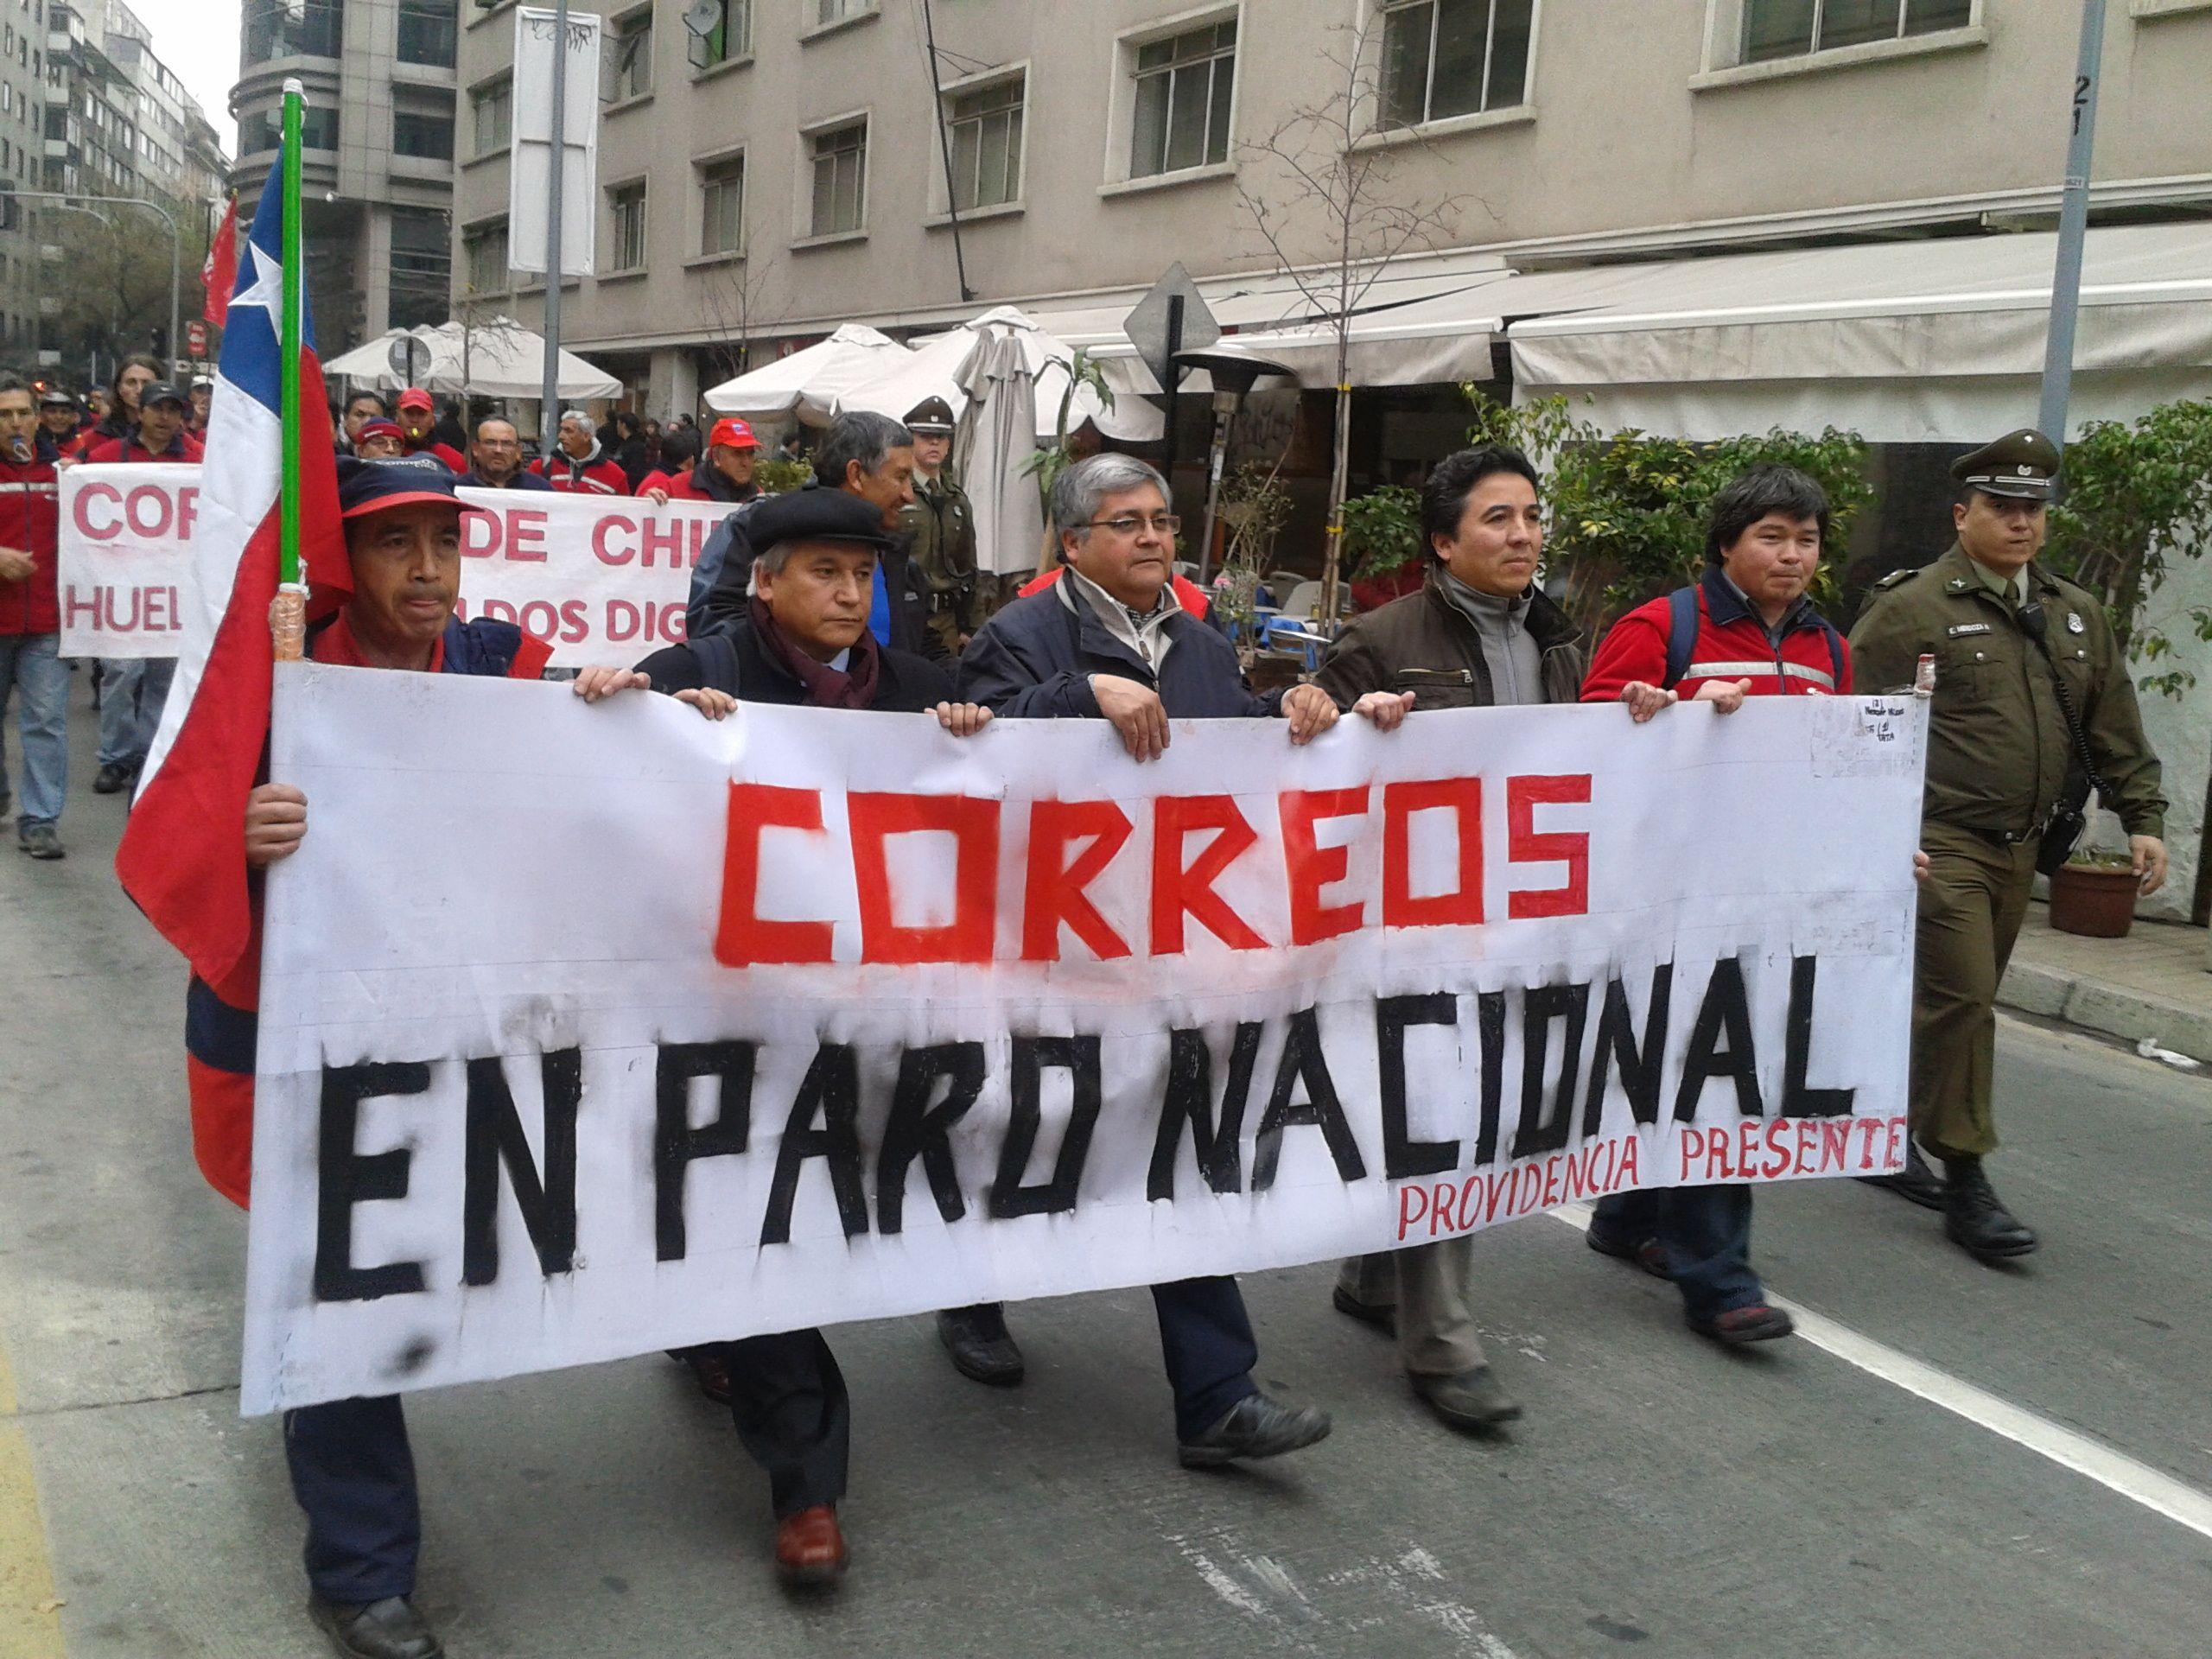 Sostienen que el gerente general gana 16 millones/mes y el sueldo promedio de trabajadores es de 235 mil. (32000 vs 470 USD) #chile